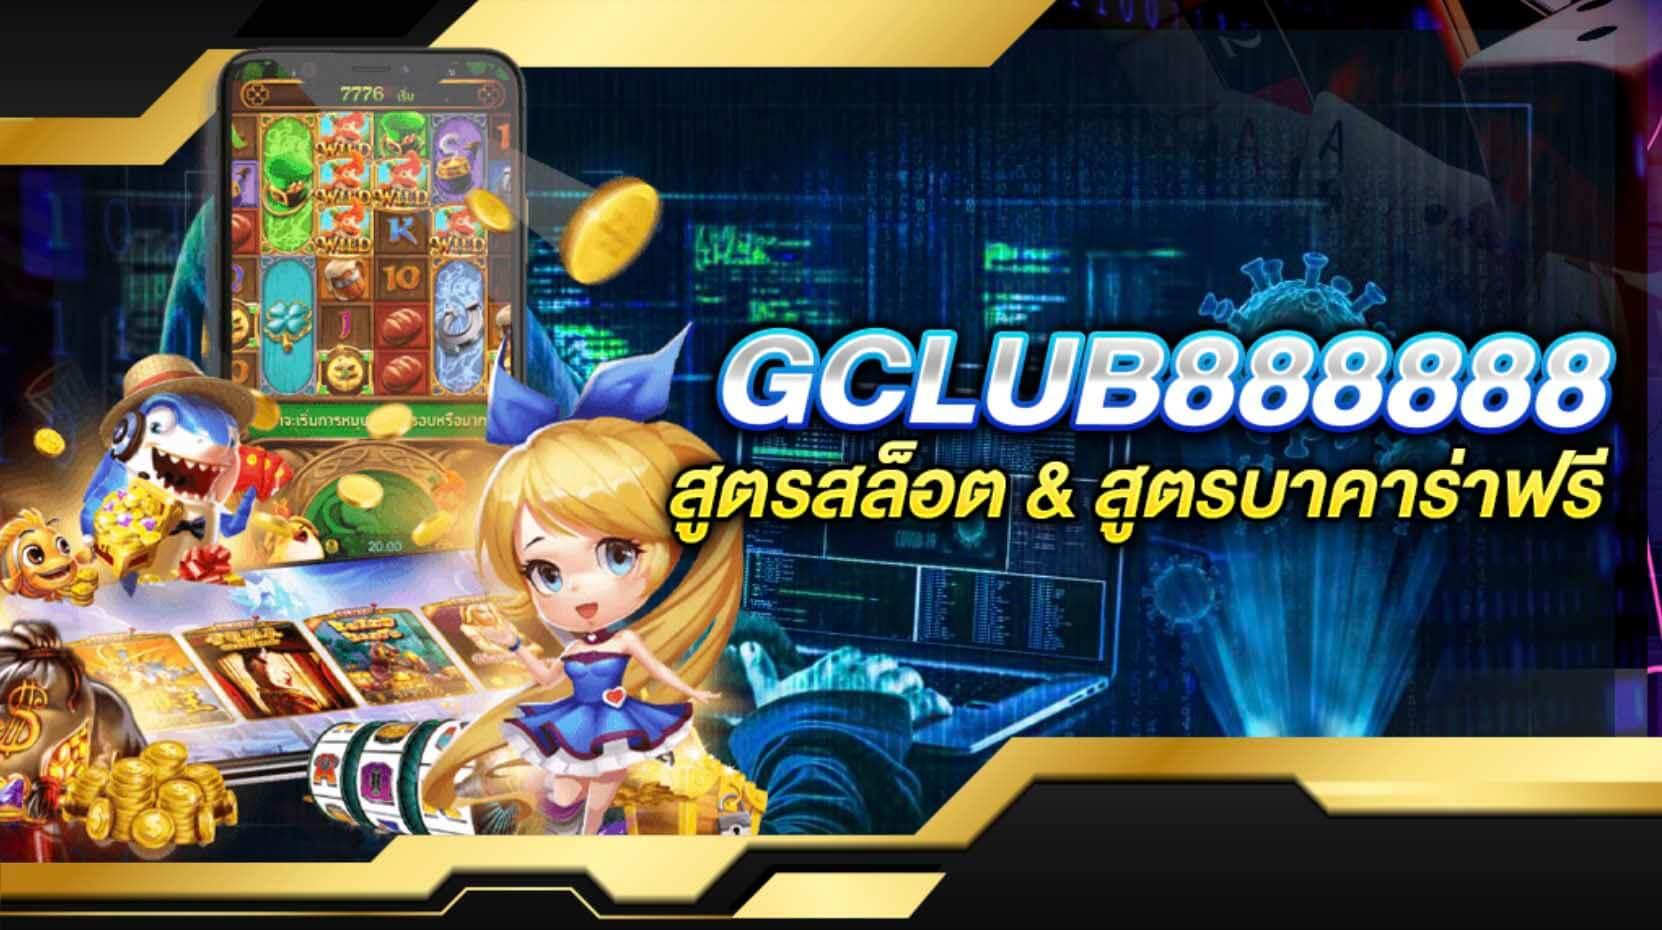 สูตร GCLUB888888